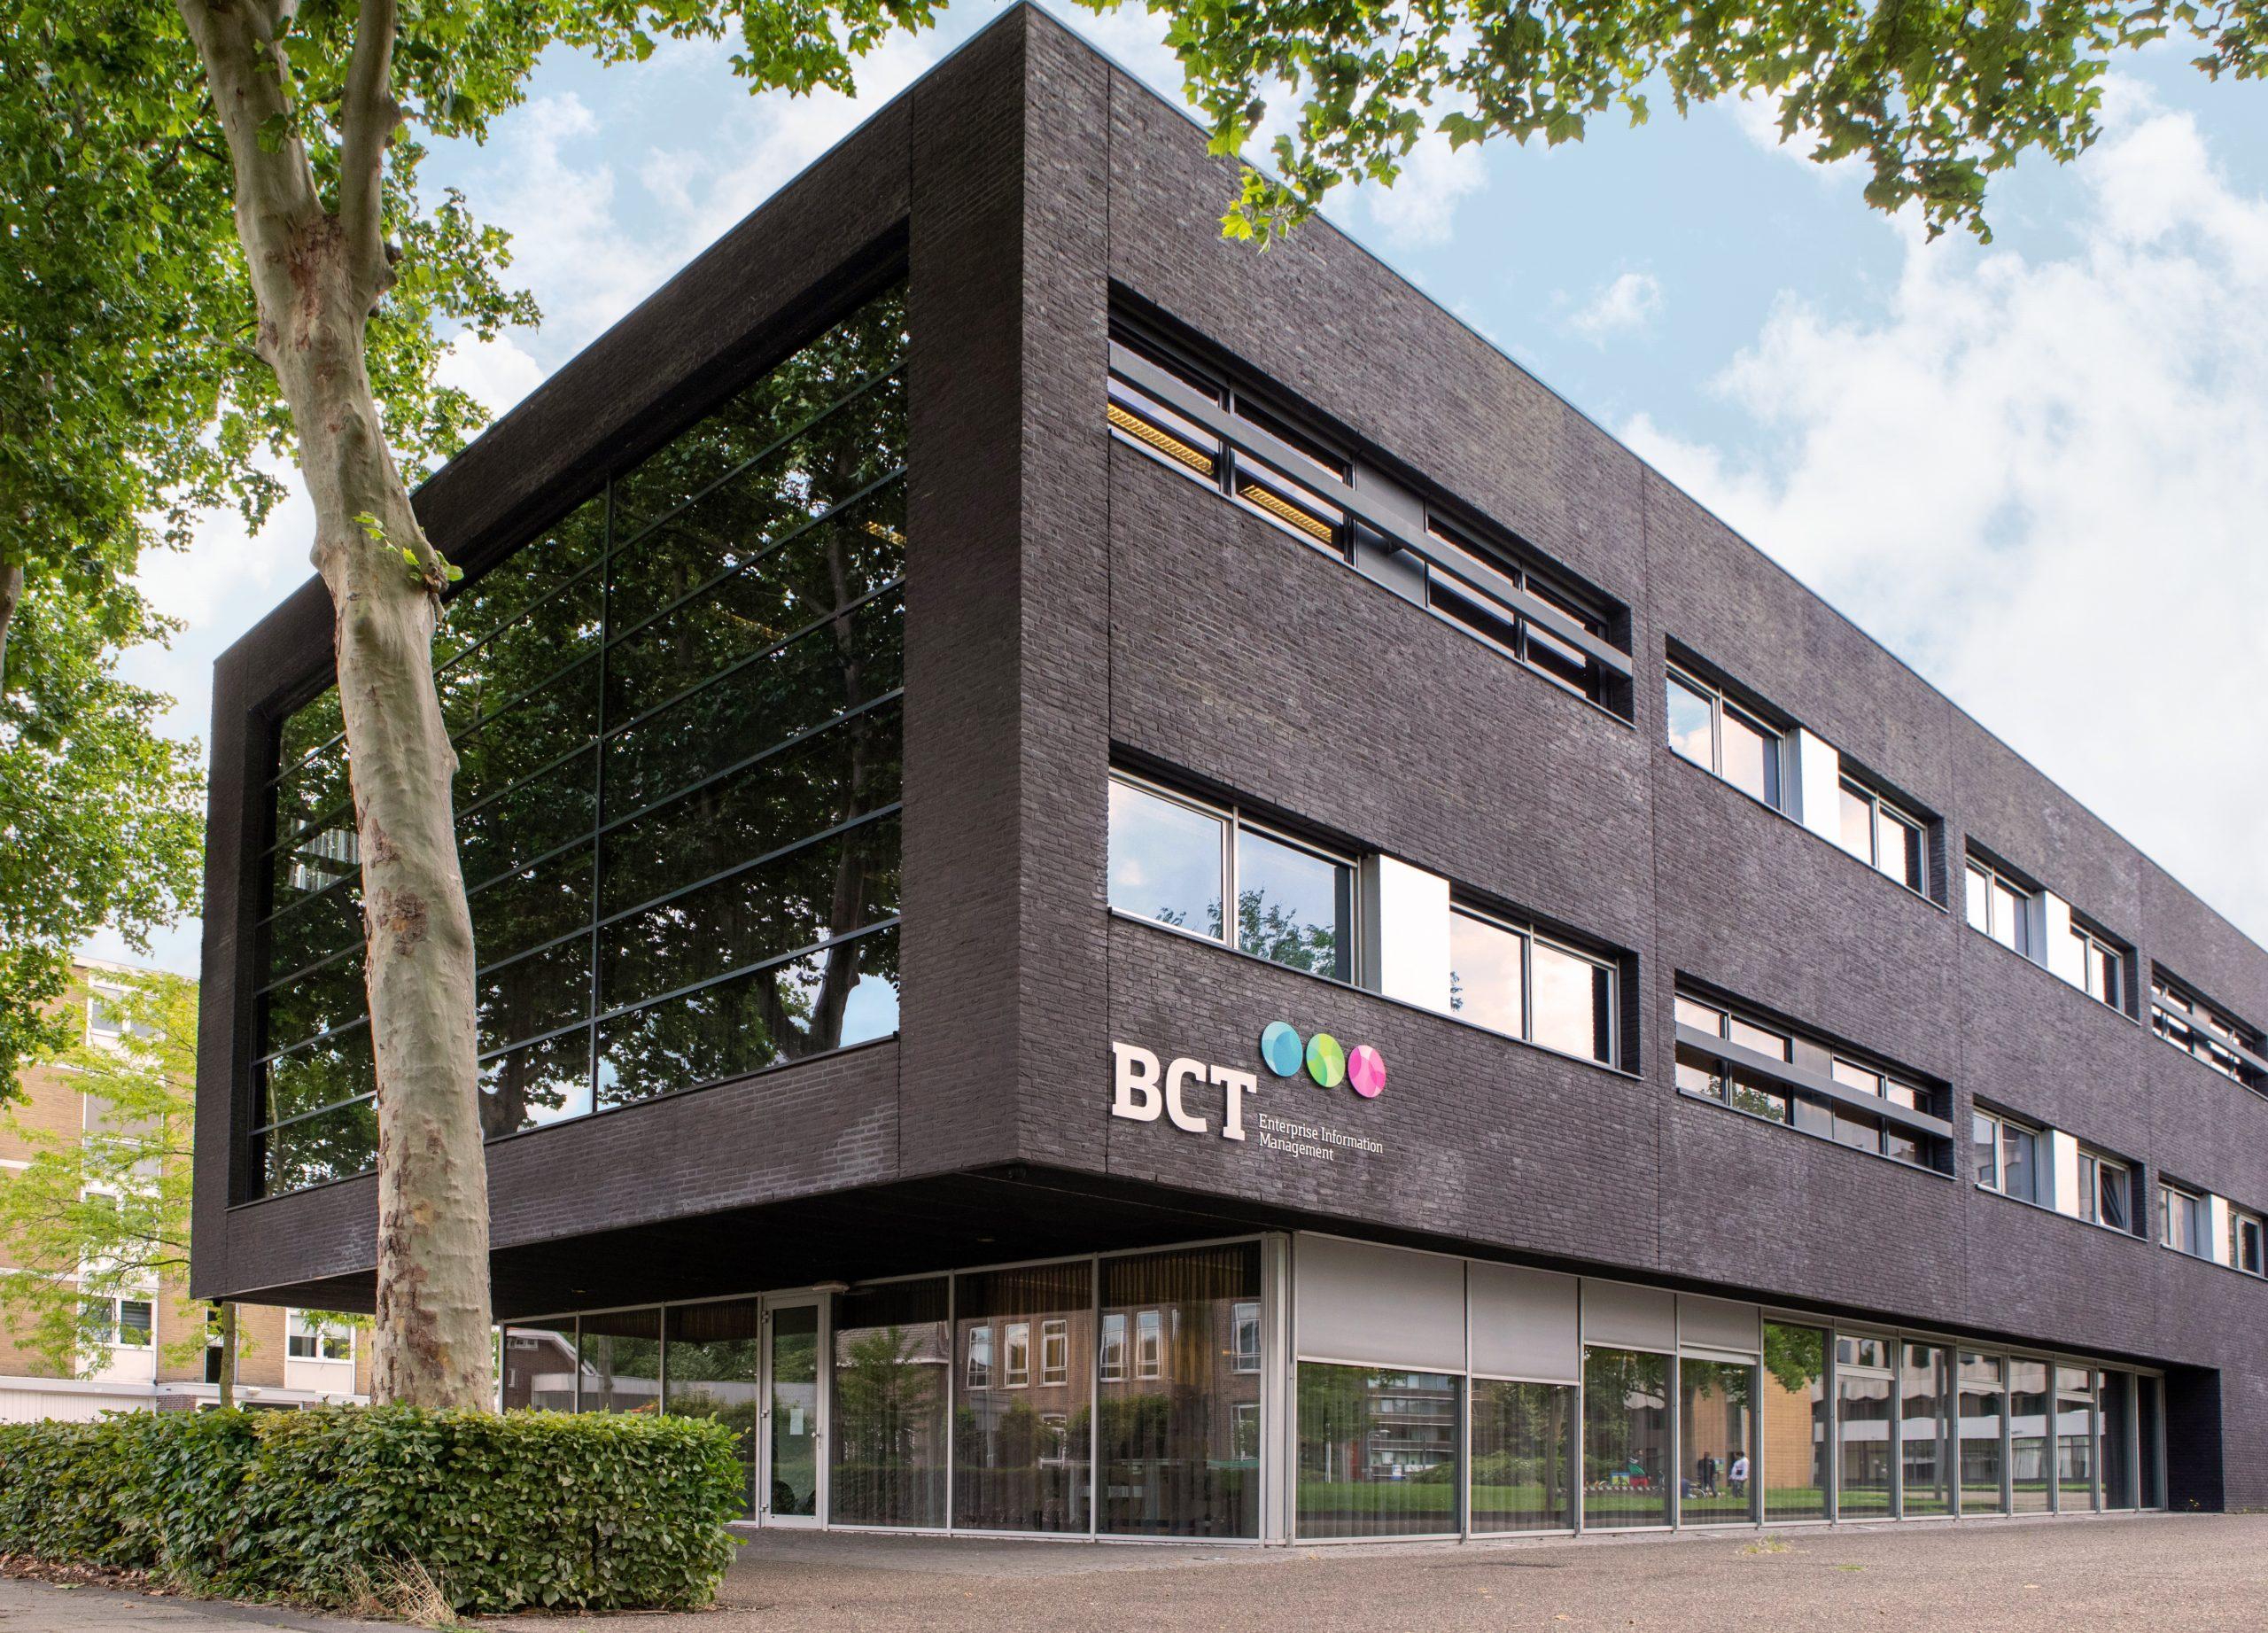 BCT Hauptsitz Sittard - front